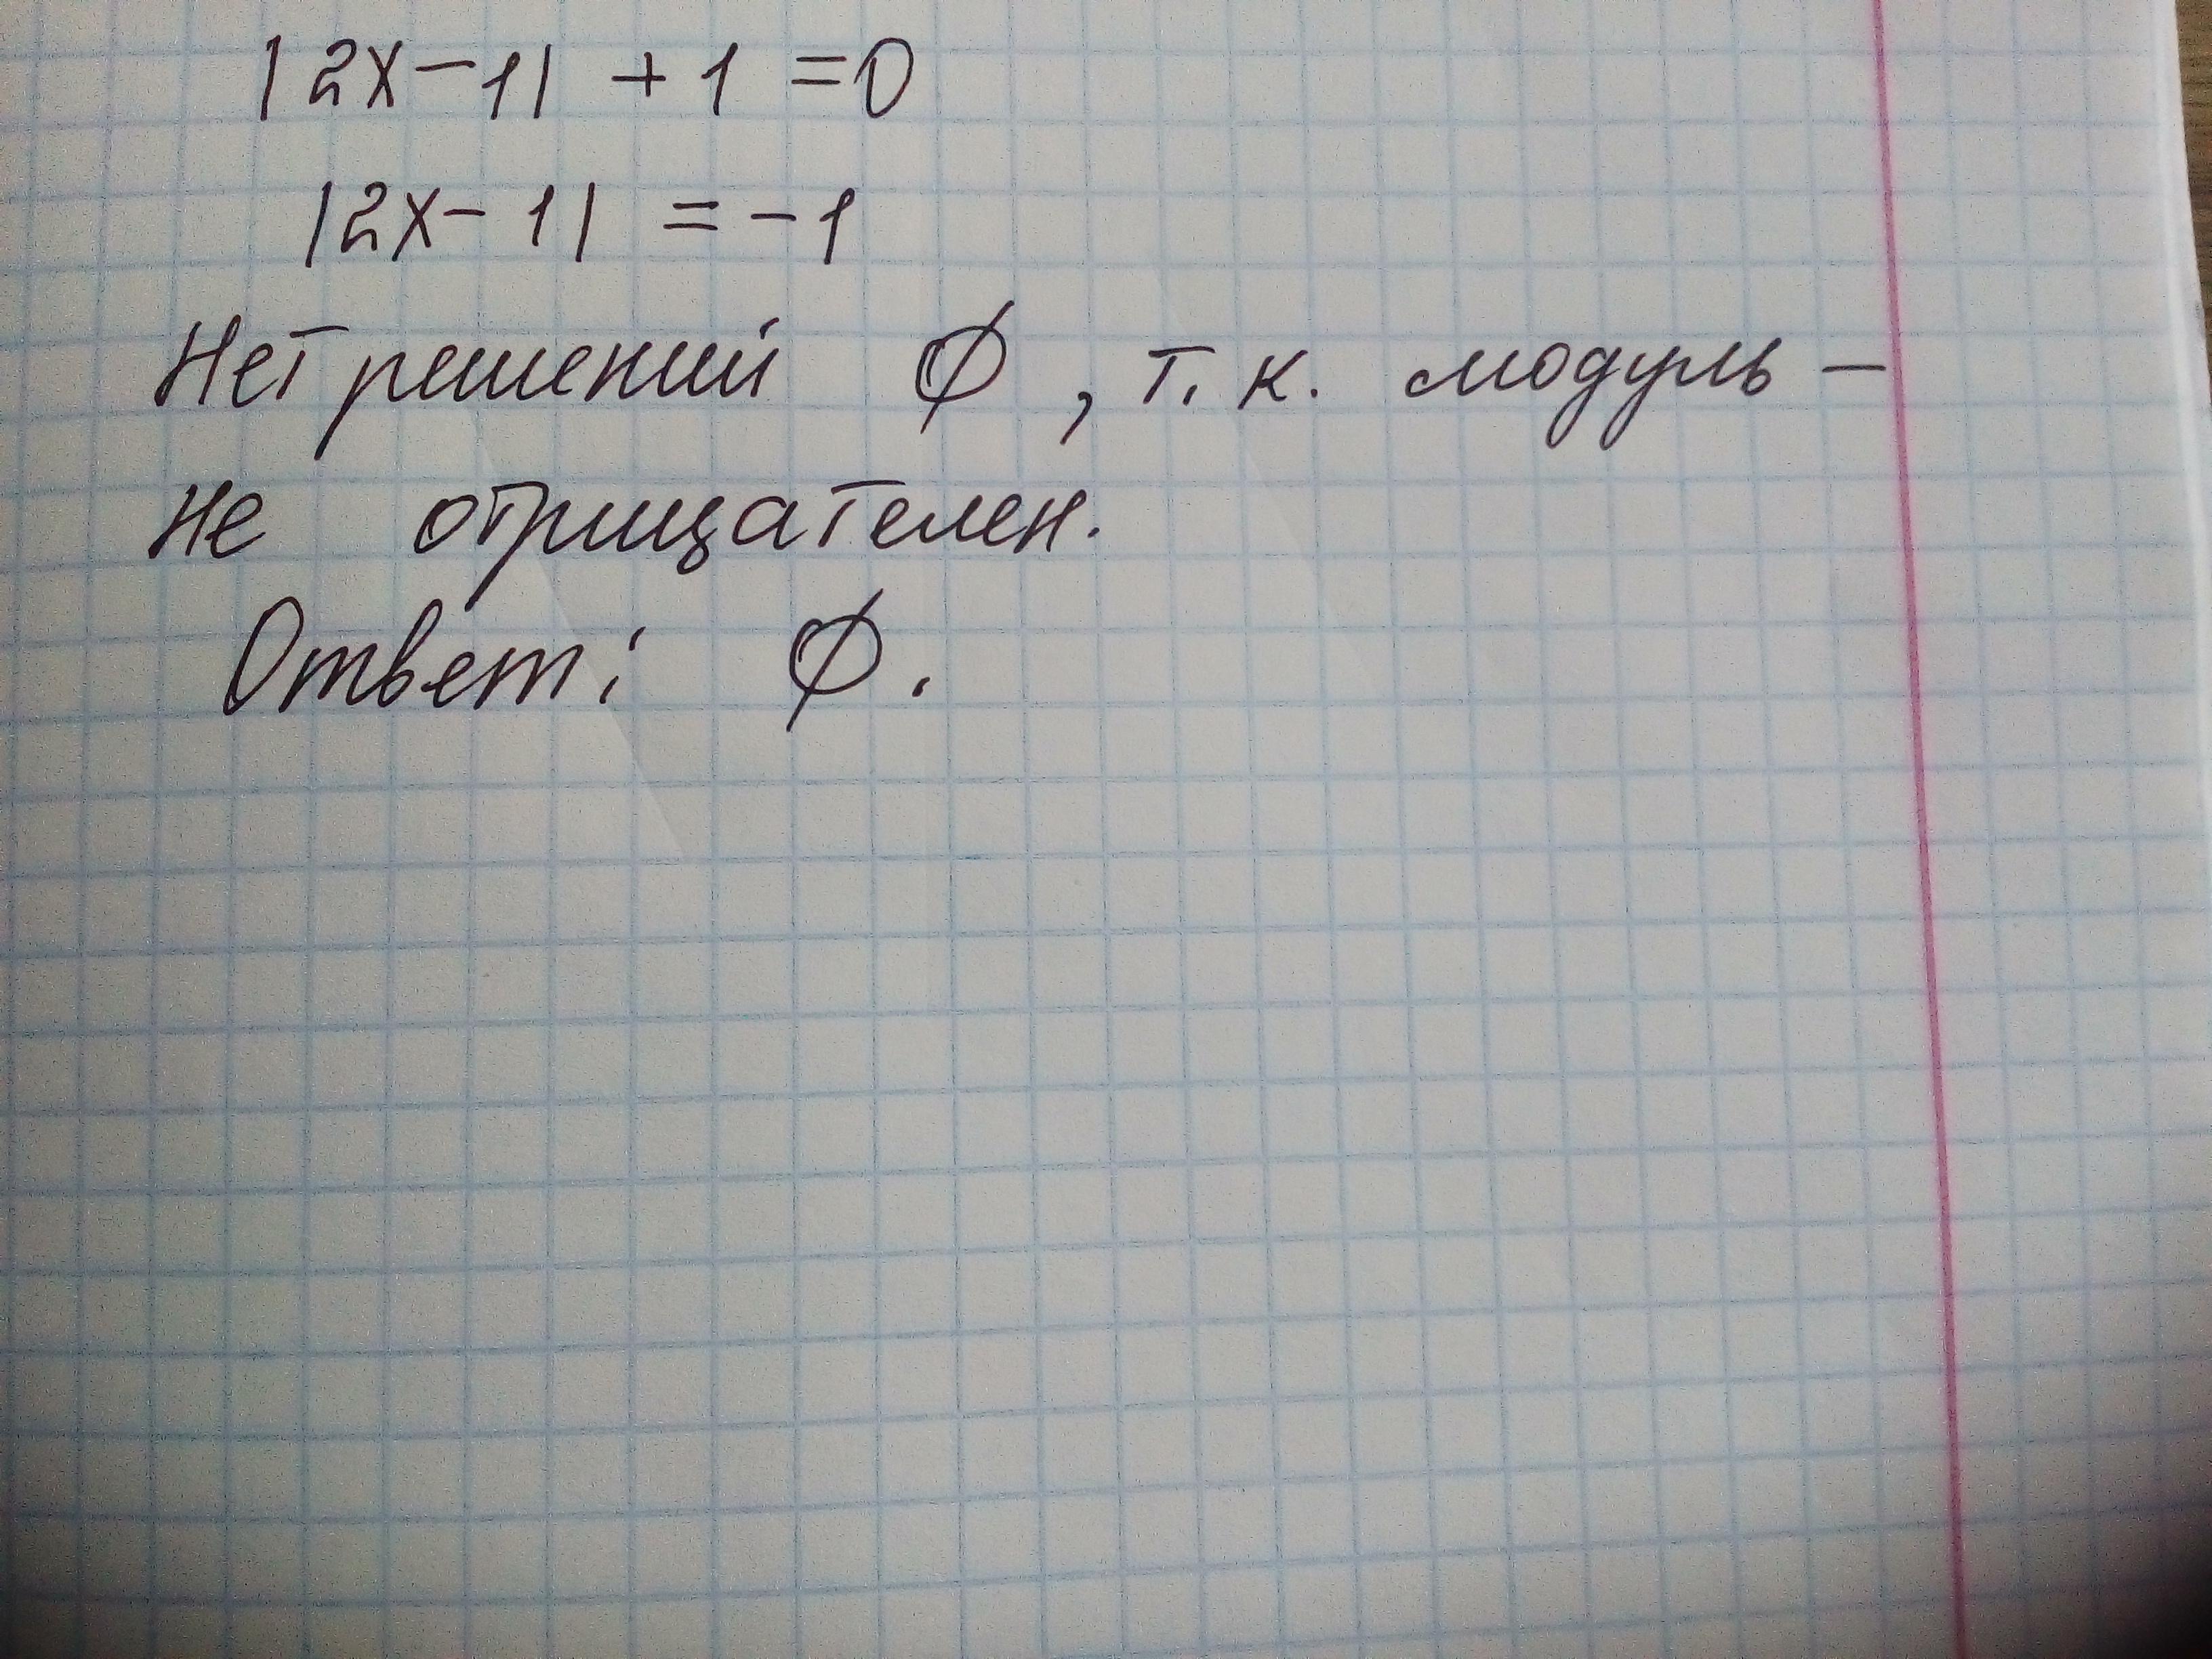 Решите пожалуйста уравнение:|2x-1|+1=0 Срочно!